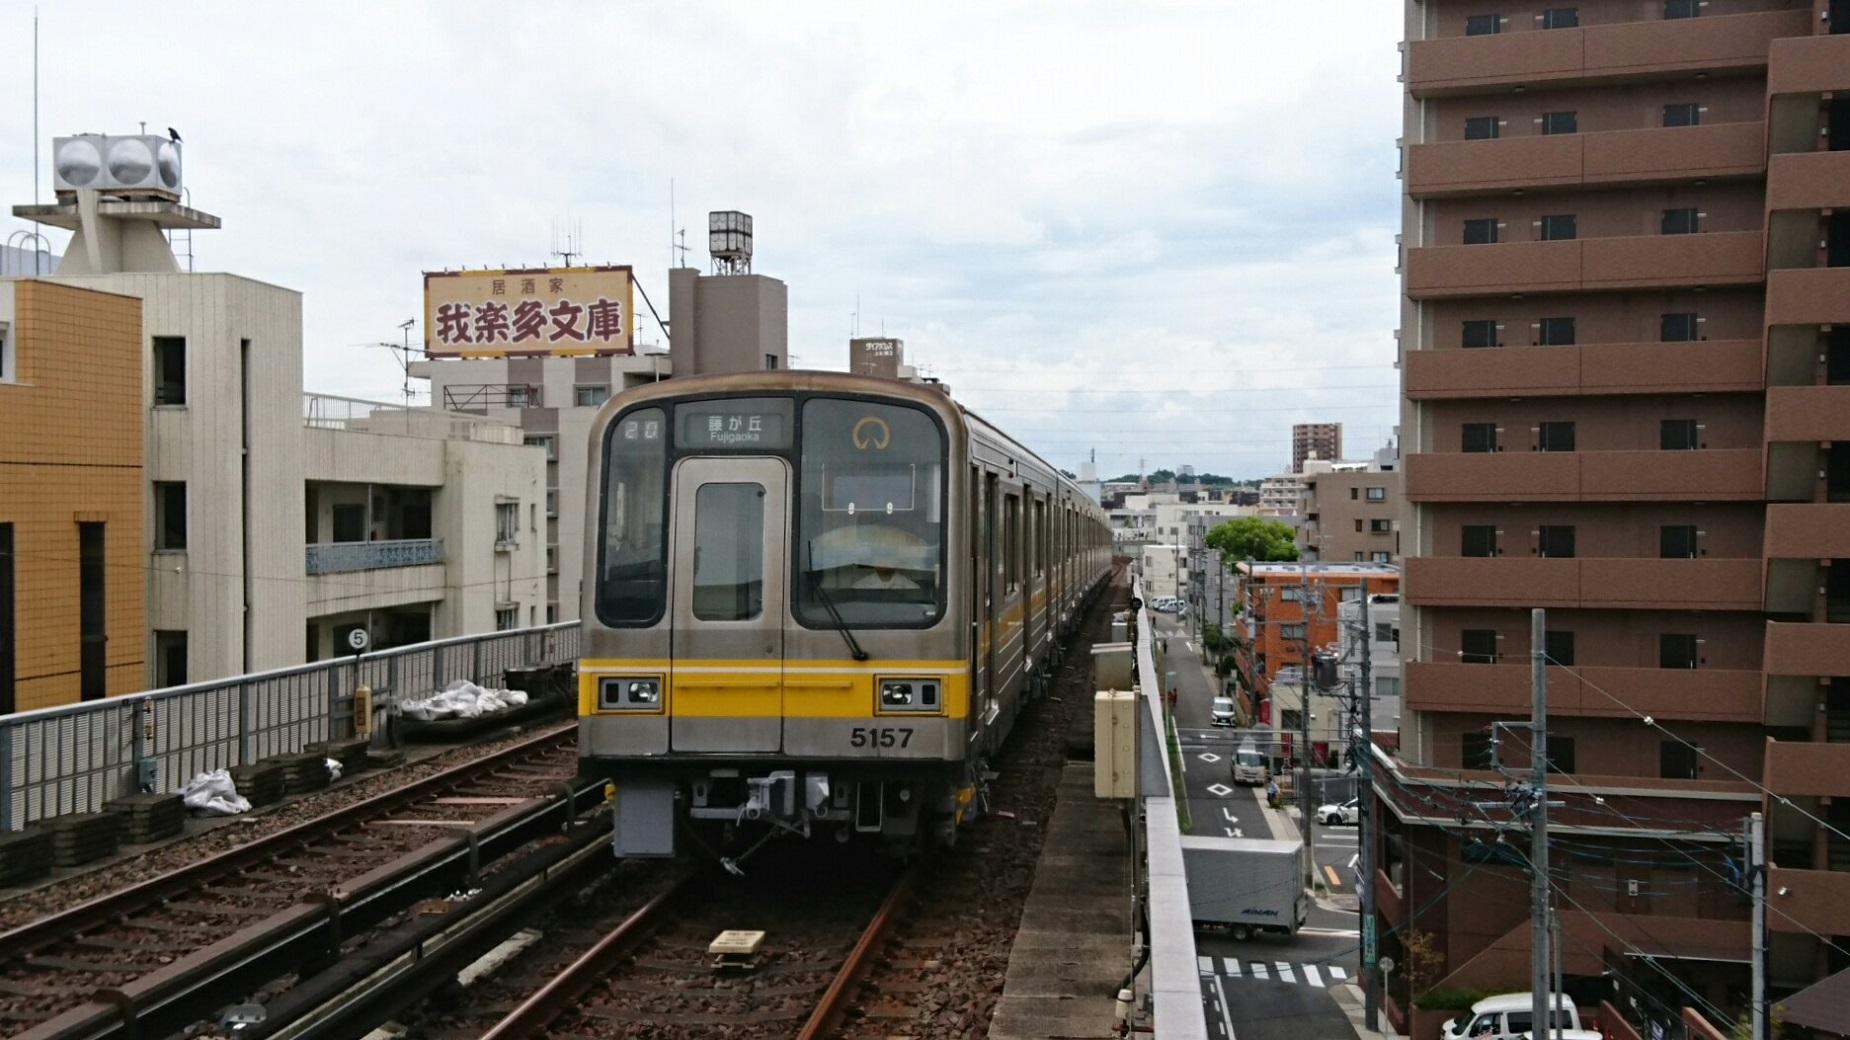 2018.8.16 (0あ) 本郷 - 藤が丘いき 1850-1040